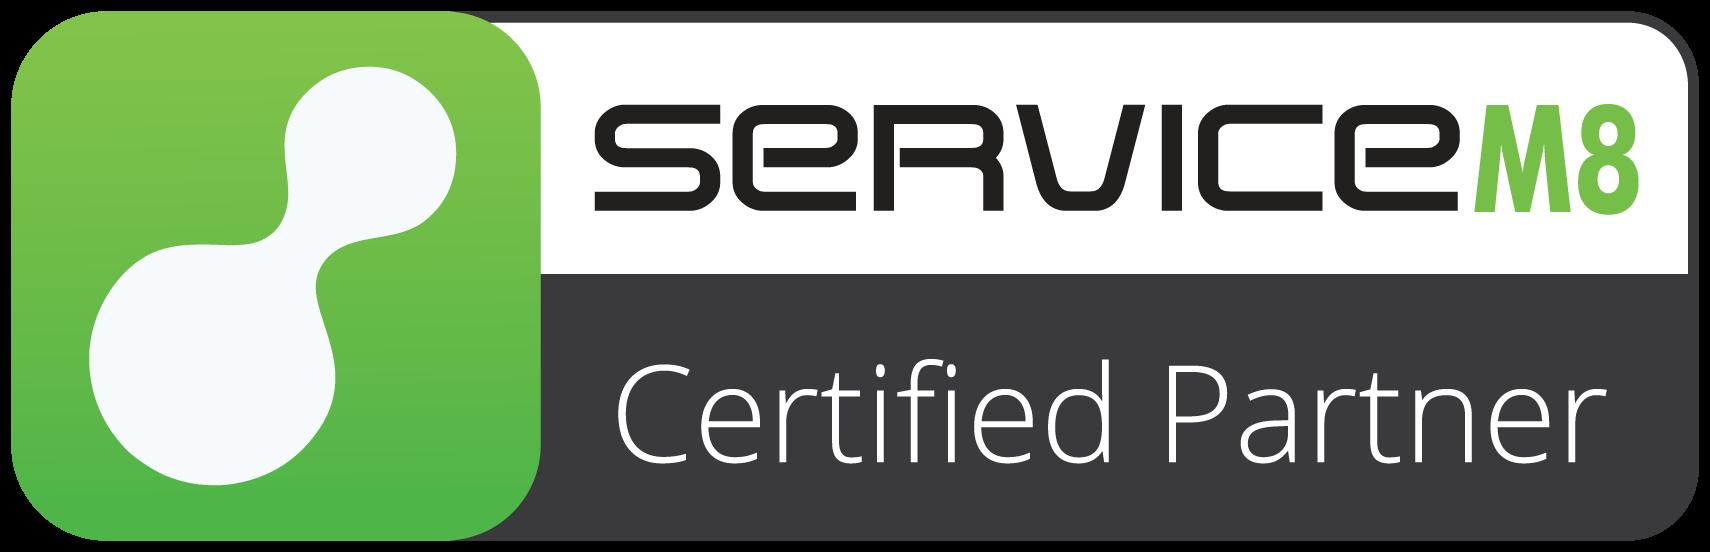 ServiceM8_Certified_Partner